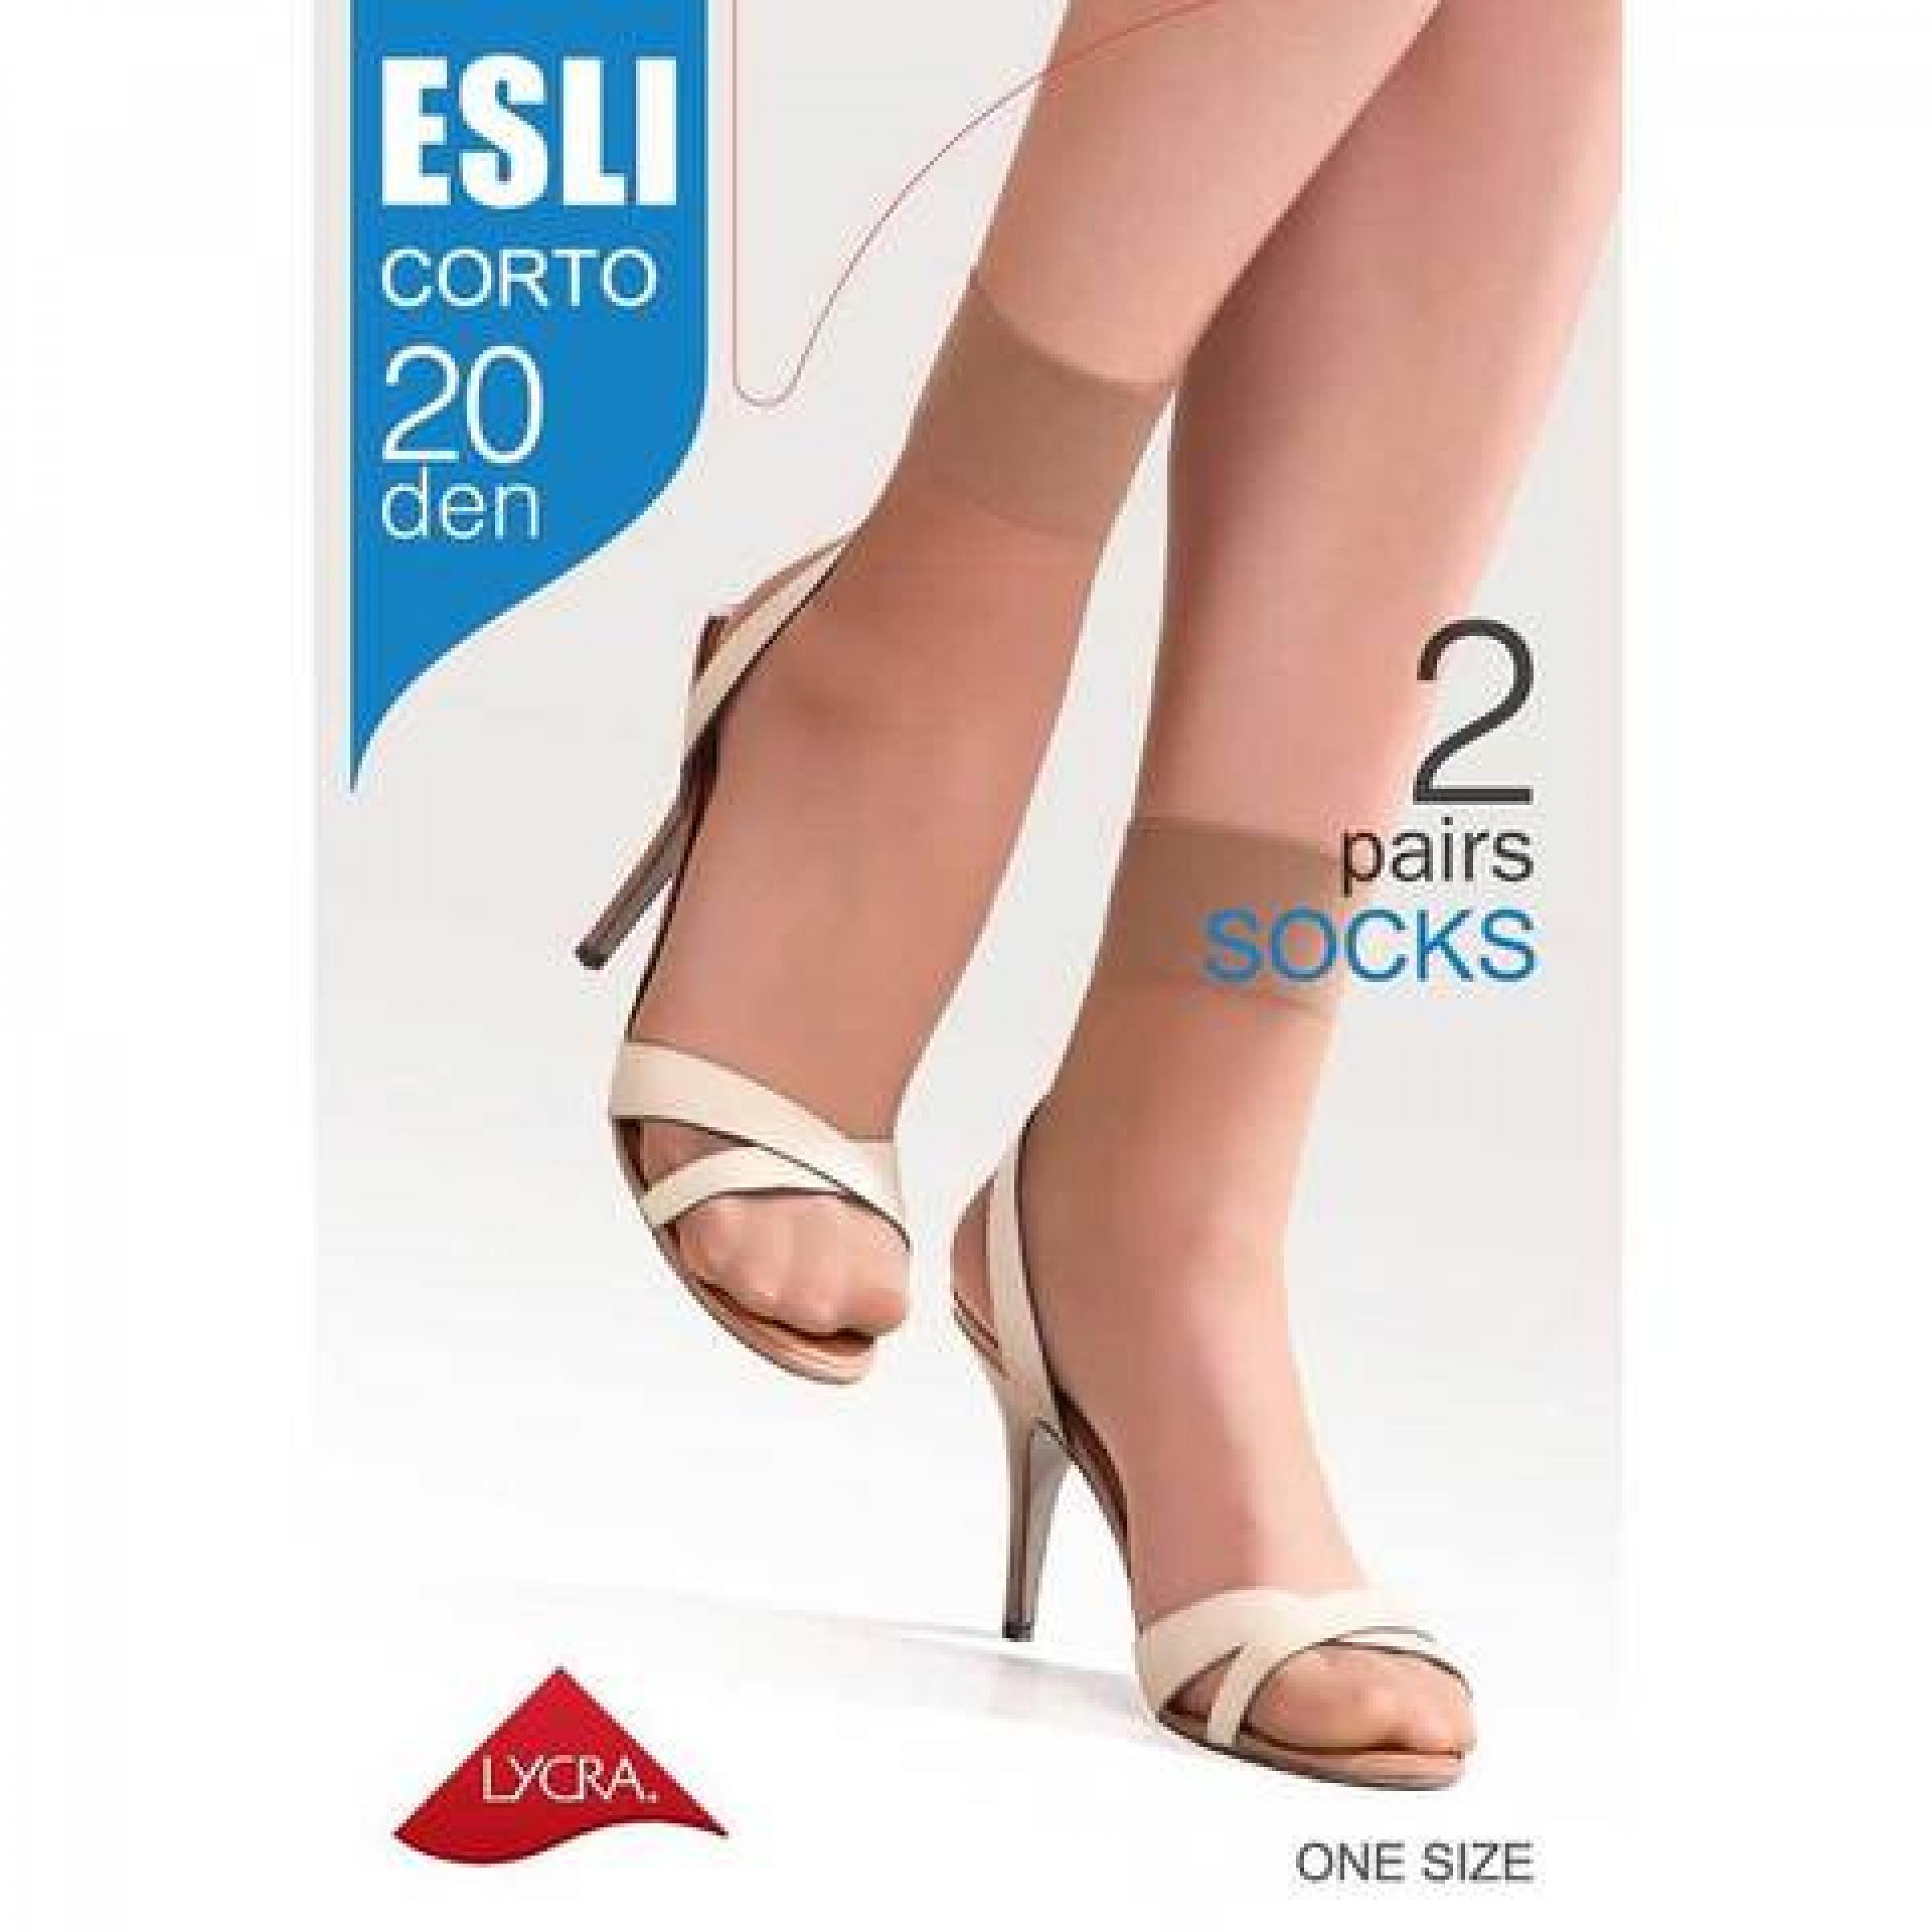 Носки женские Esli Corto, цвет melone, 20 den, 2 пары